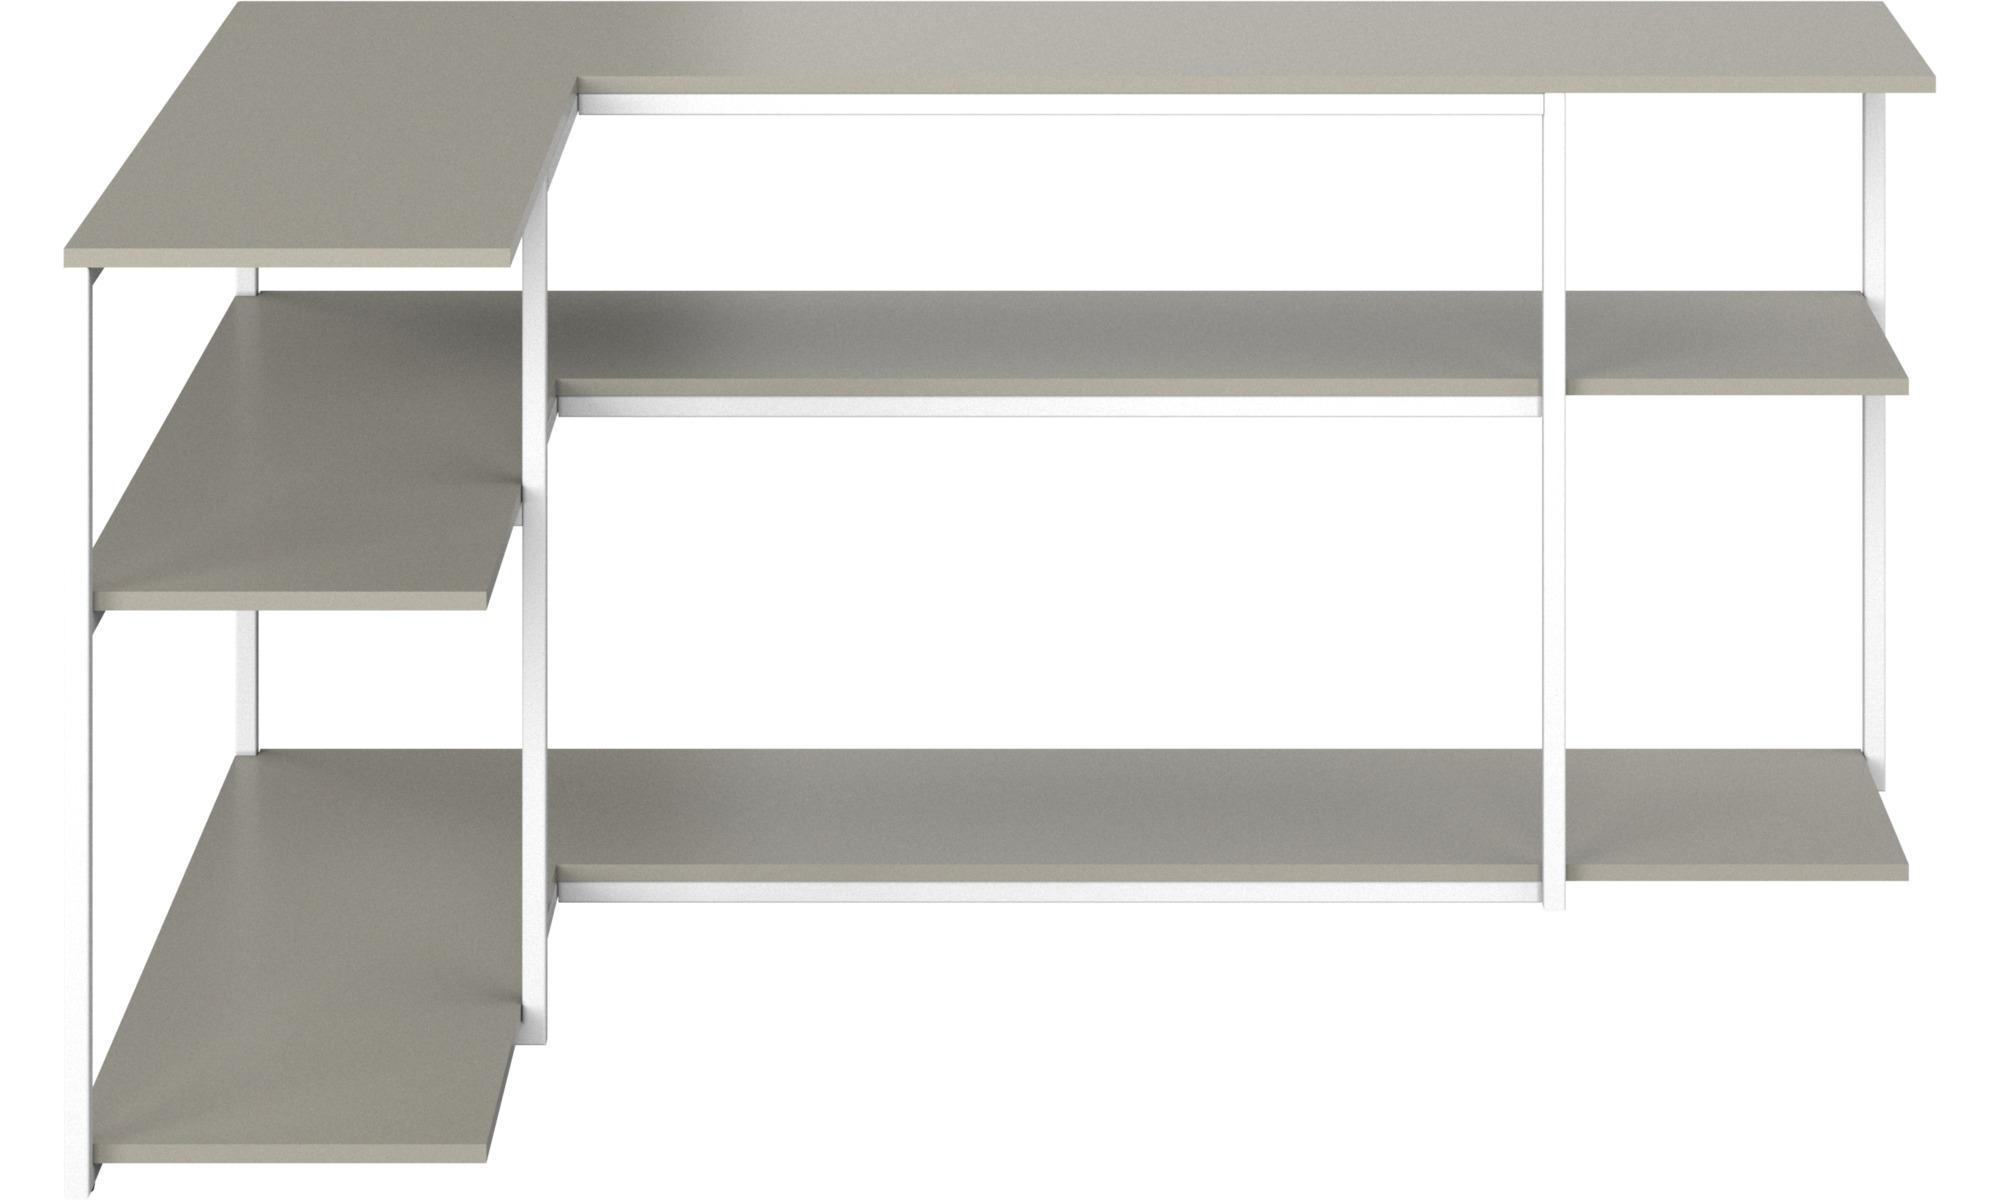 Hallmöbler - Bordeaux konsolbord - rektangulär - Grå - Lack